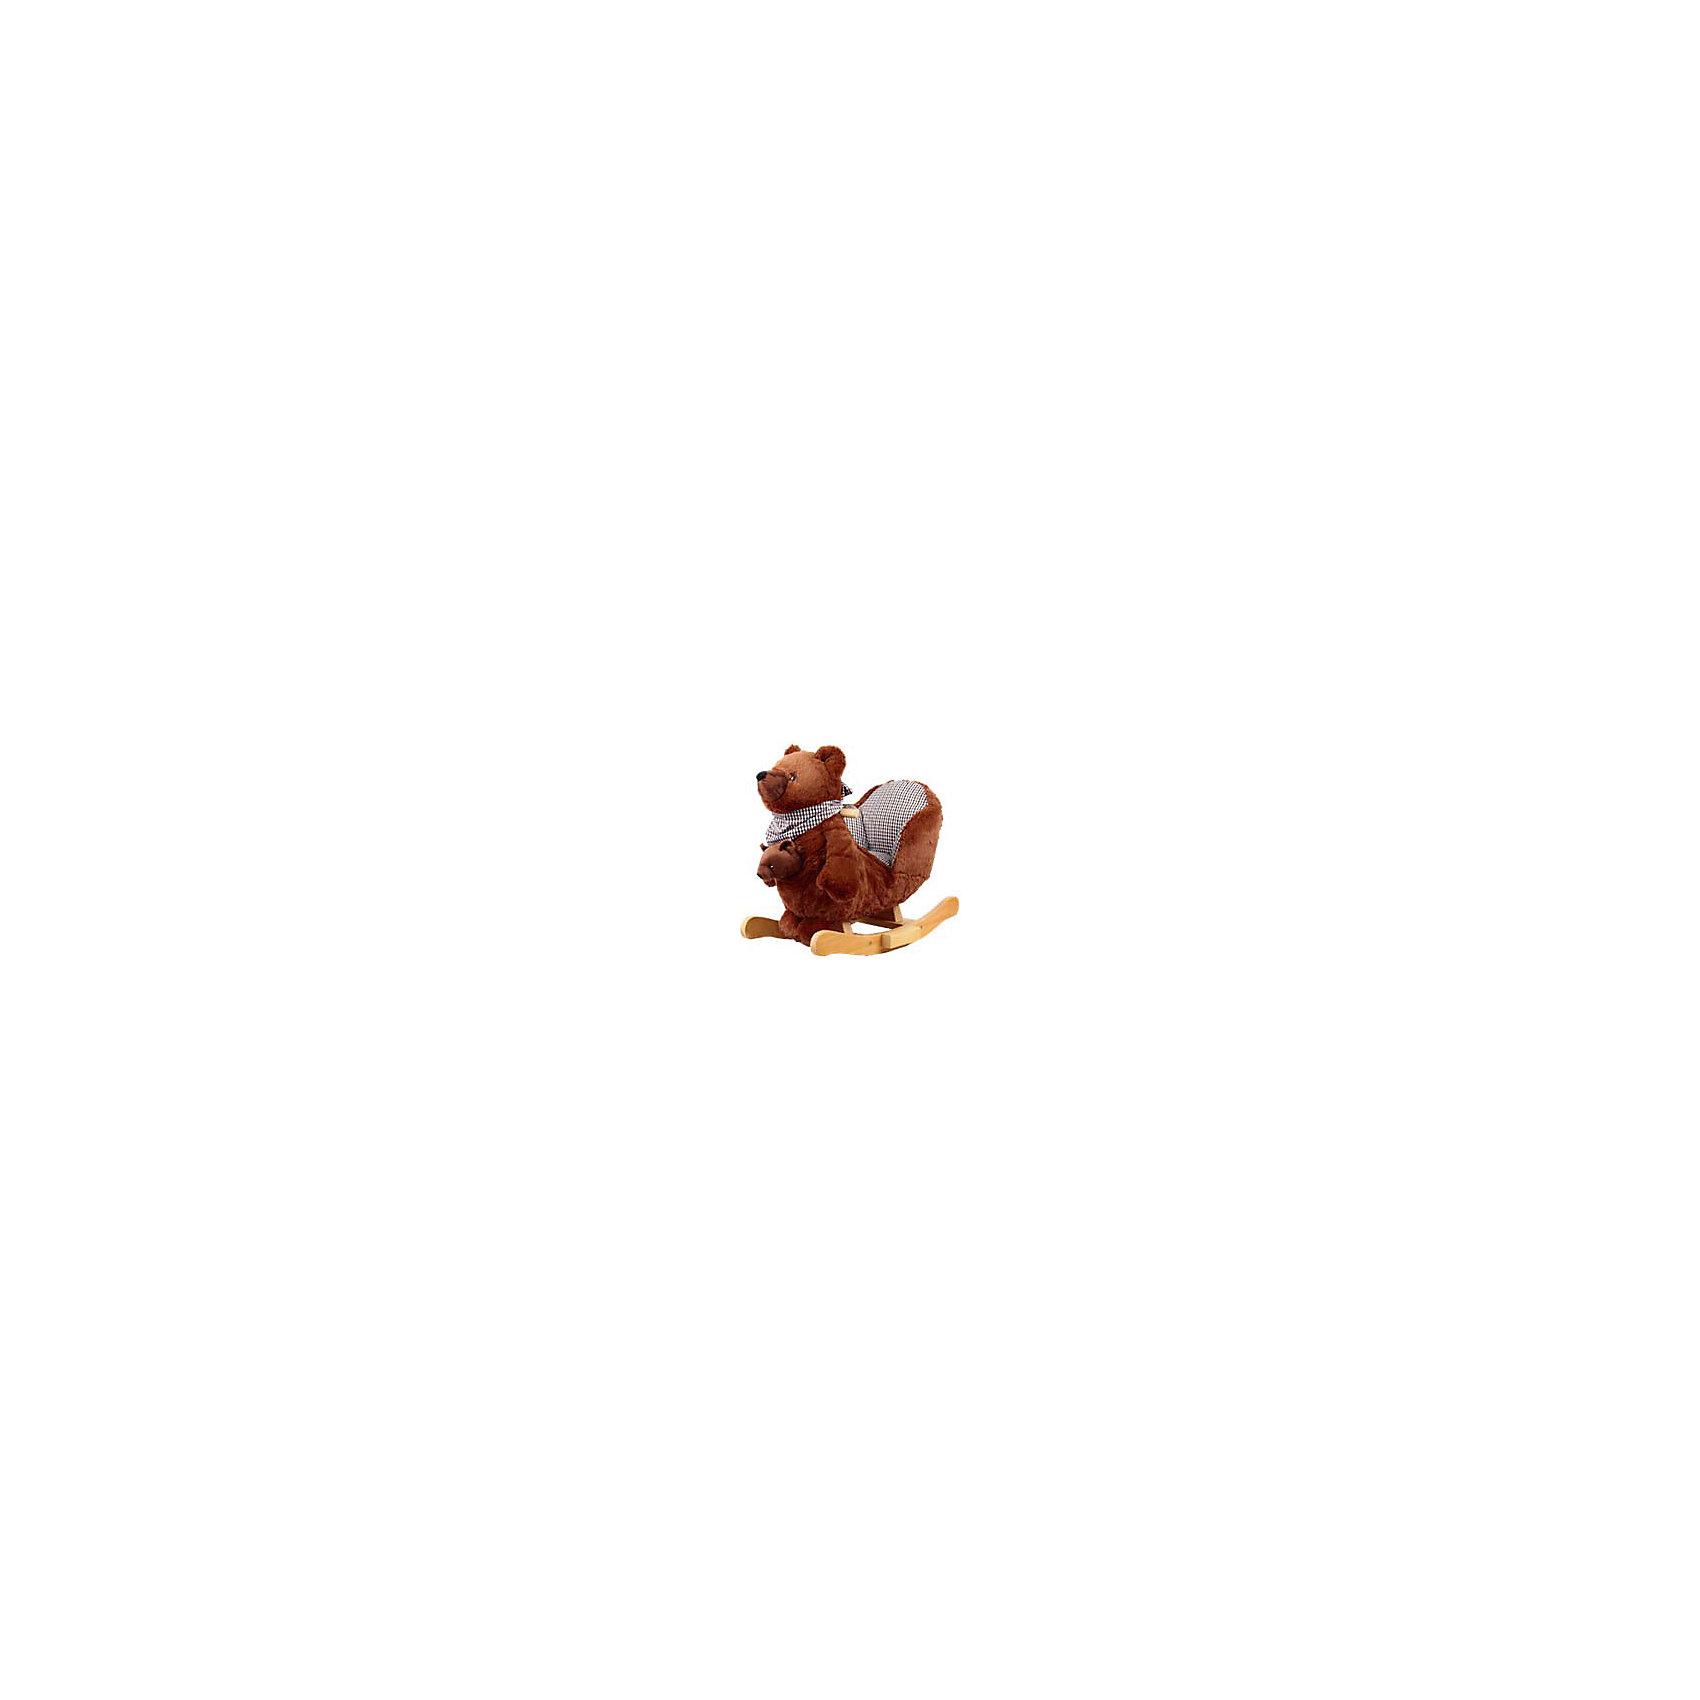 Качалка меховая Медведь, Rock My BabyКачели и качалки<br>Качалка меховая Медведь, Rock My Baby (Рок Май Бэби) ? это игрушка-качалка, разработанная немецким брендом Rock My Baby специально для самых маленьких. Качалки от Рок Май Бэби ? это, прежде всего, безопасность вашего ребенка. Качалка выполнена в форме медведя, на спине которой имеется мягкое креслице со спинкой и бортиками по бокам, поэтому вам не придется беспокоиться о том, что малыш упадет или ударится. Специальная форма дуг защищает качалку от опрокидывания. Качалка меховая Медведь, Rock My Baby (Рок Май Бэби) подходит и для малышей помладше, которые только научились сидеть.<br>Качалка меховая Медведь, Rock My Baby (Рок Май Бэби) изготовлена из мягкого  искусственного меха, внутренняя обивка сиденья – из гипоаллергенного текстиля, ручки-поручни из натурального дерева округлой формы без заострений. Дуги ? из тщательно обработанного дерева. Спереди в кармашке медведя имеется мягкая игрушка – медвежонок. На шее у медведя повязан шейный платок, изготовленный из того же материала, что и внутренняя обивка кресла. Во время раскачивания медведь издает звуки.<br>Качалка меховая Медведь, Rock My Baby (Рок Май Бэби) ? предназначена для подвижных игр, качаясь на ней, у ребенка улучшается физическая форма и тренируется вестибулярный аппарат, да и само по себе качание на лошадке ? увлекательное времяпрепровождение!<br><br>Дополнительная информация:<br><br>- Вид игр: подвижные <br>- Предназначение: для дома, для детских садов, для детских развивающих центров<br>- Материал: искусственный мех, текстиль, дерево<br>- Размер (Д*Ш*В): 54*45*21 см<br>- Вес: 4 кг 600 г<br>- Максимальная нагрузка на игрушку: до 30 кг<br>- Особенности ухода: разрешается протирать влажной губкой, пылесосить<br><br>Подробнее:<br><br>• Для детей в возрасте: от 1 года и до 3 лет<br>• Страна производитель: Китай<br>• Торговый бренд: Rock My Baby<br><br>Качалку меховую Медвежонок, Rock My Baby (Рок Май Бэби) можно купить в нашем интернет-магазине.<br><b